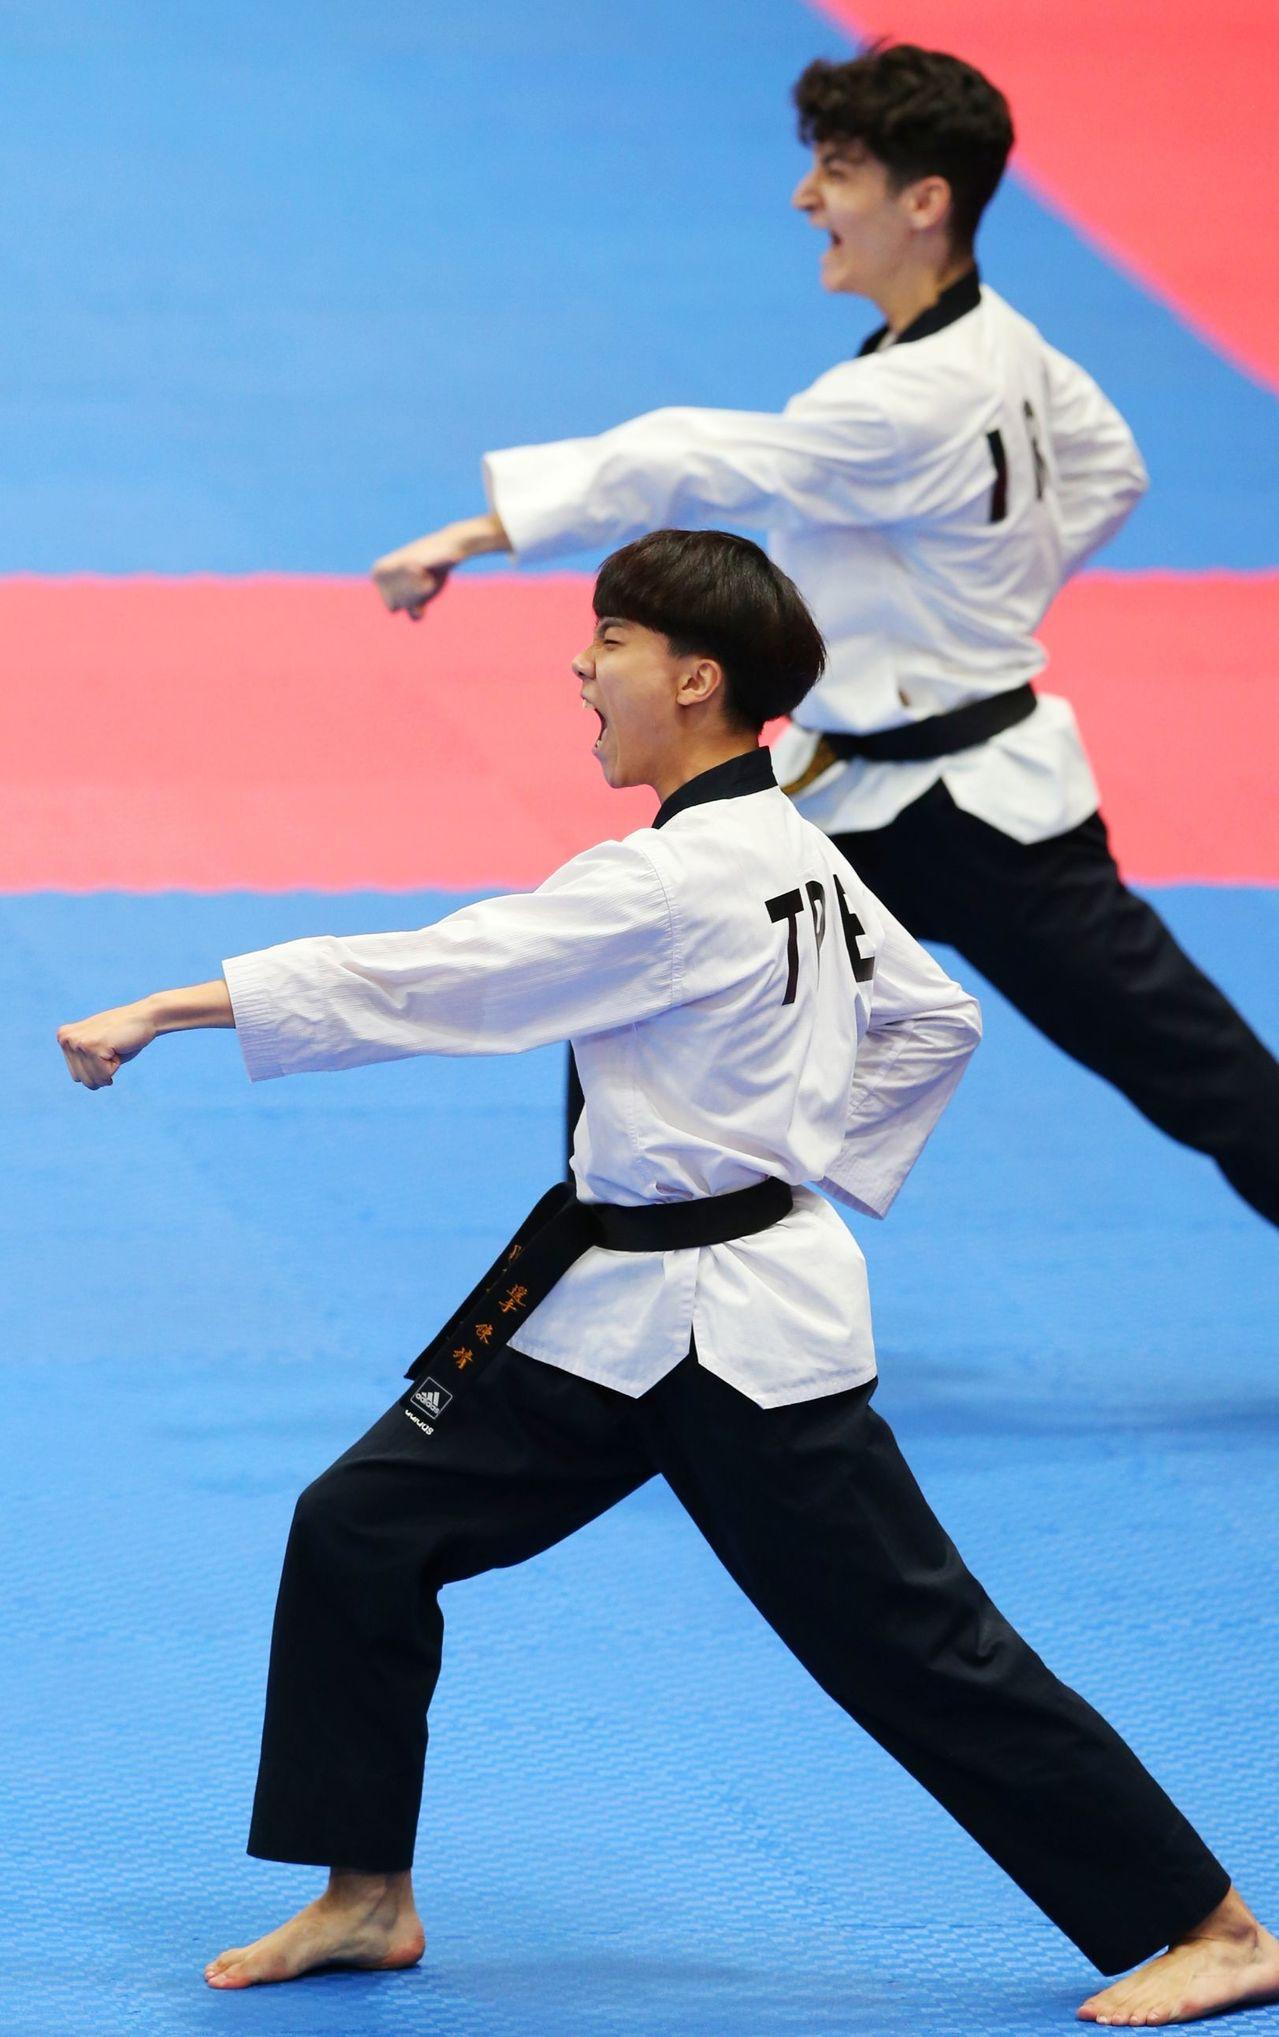 中華跆拳代表隊陳靖(前)在品勢男子個人項目以些微分差敗給伊朗選手,拿下銅牌。特派...